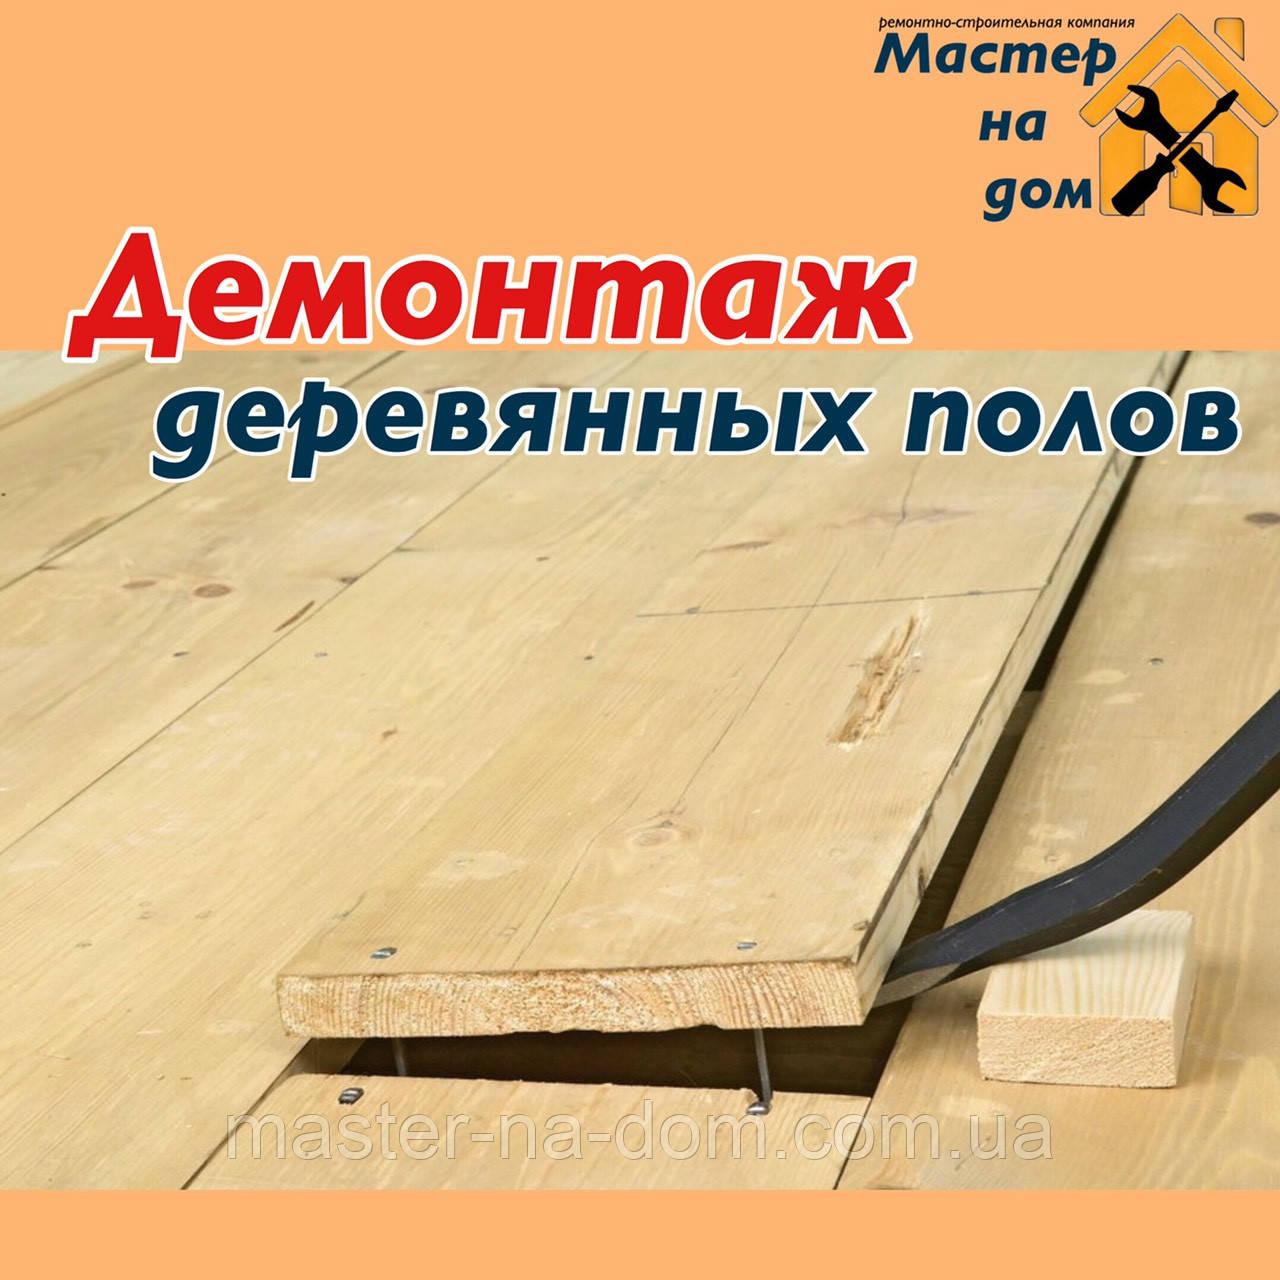 Демонтаж дерев'яних,паркетних підлог в Чернівцях